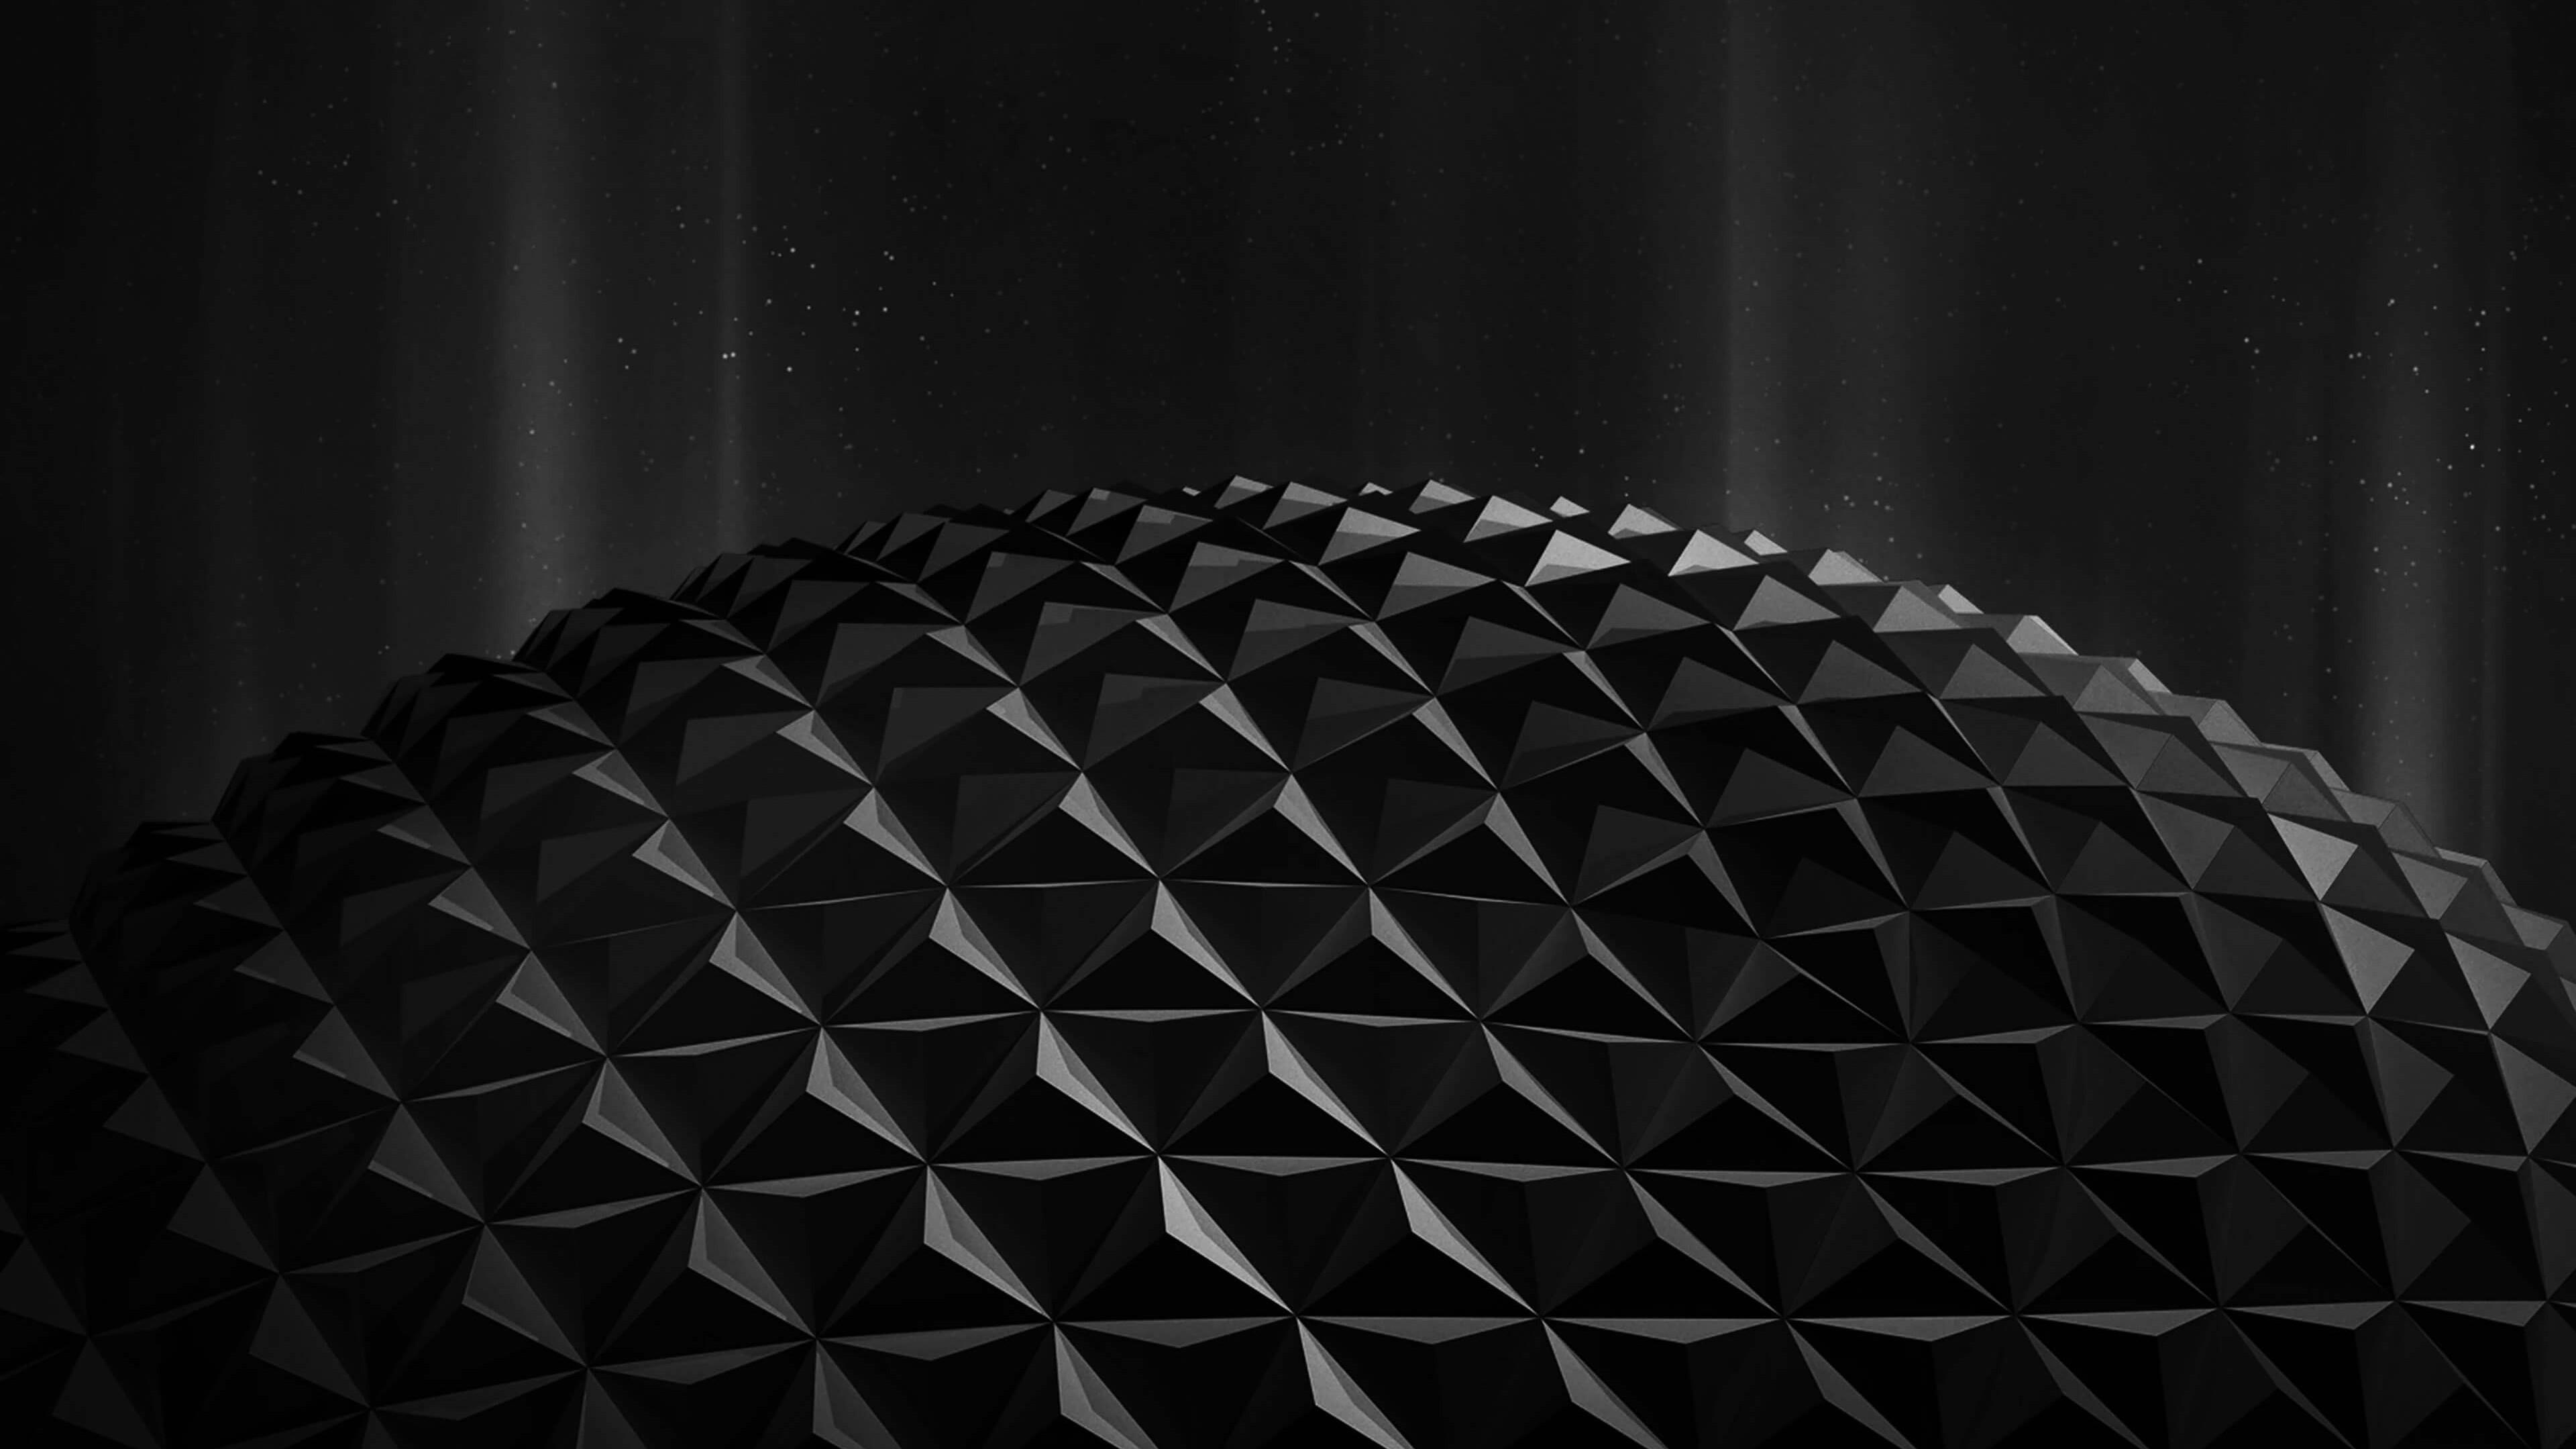 Black Polygon Planet HD wallpaper for 4K 3840 x 2160 .